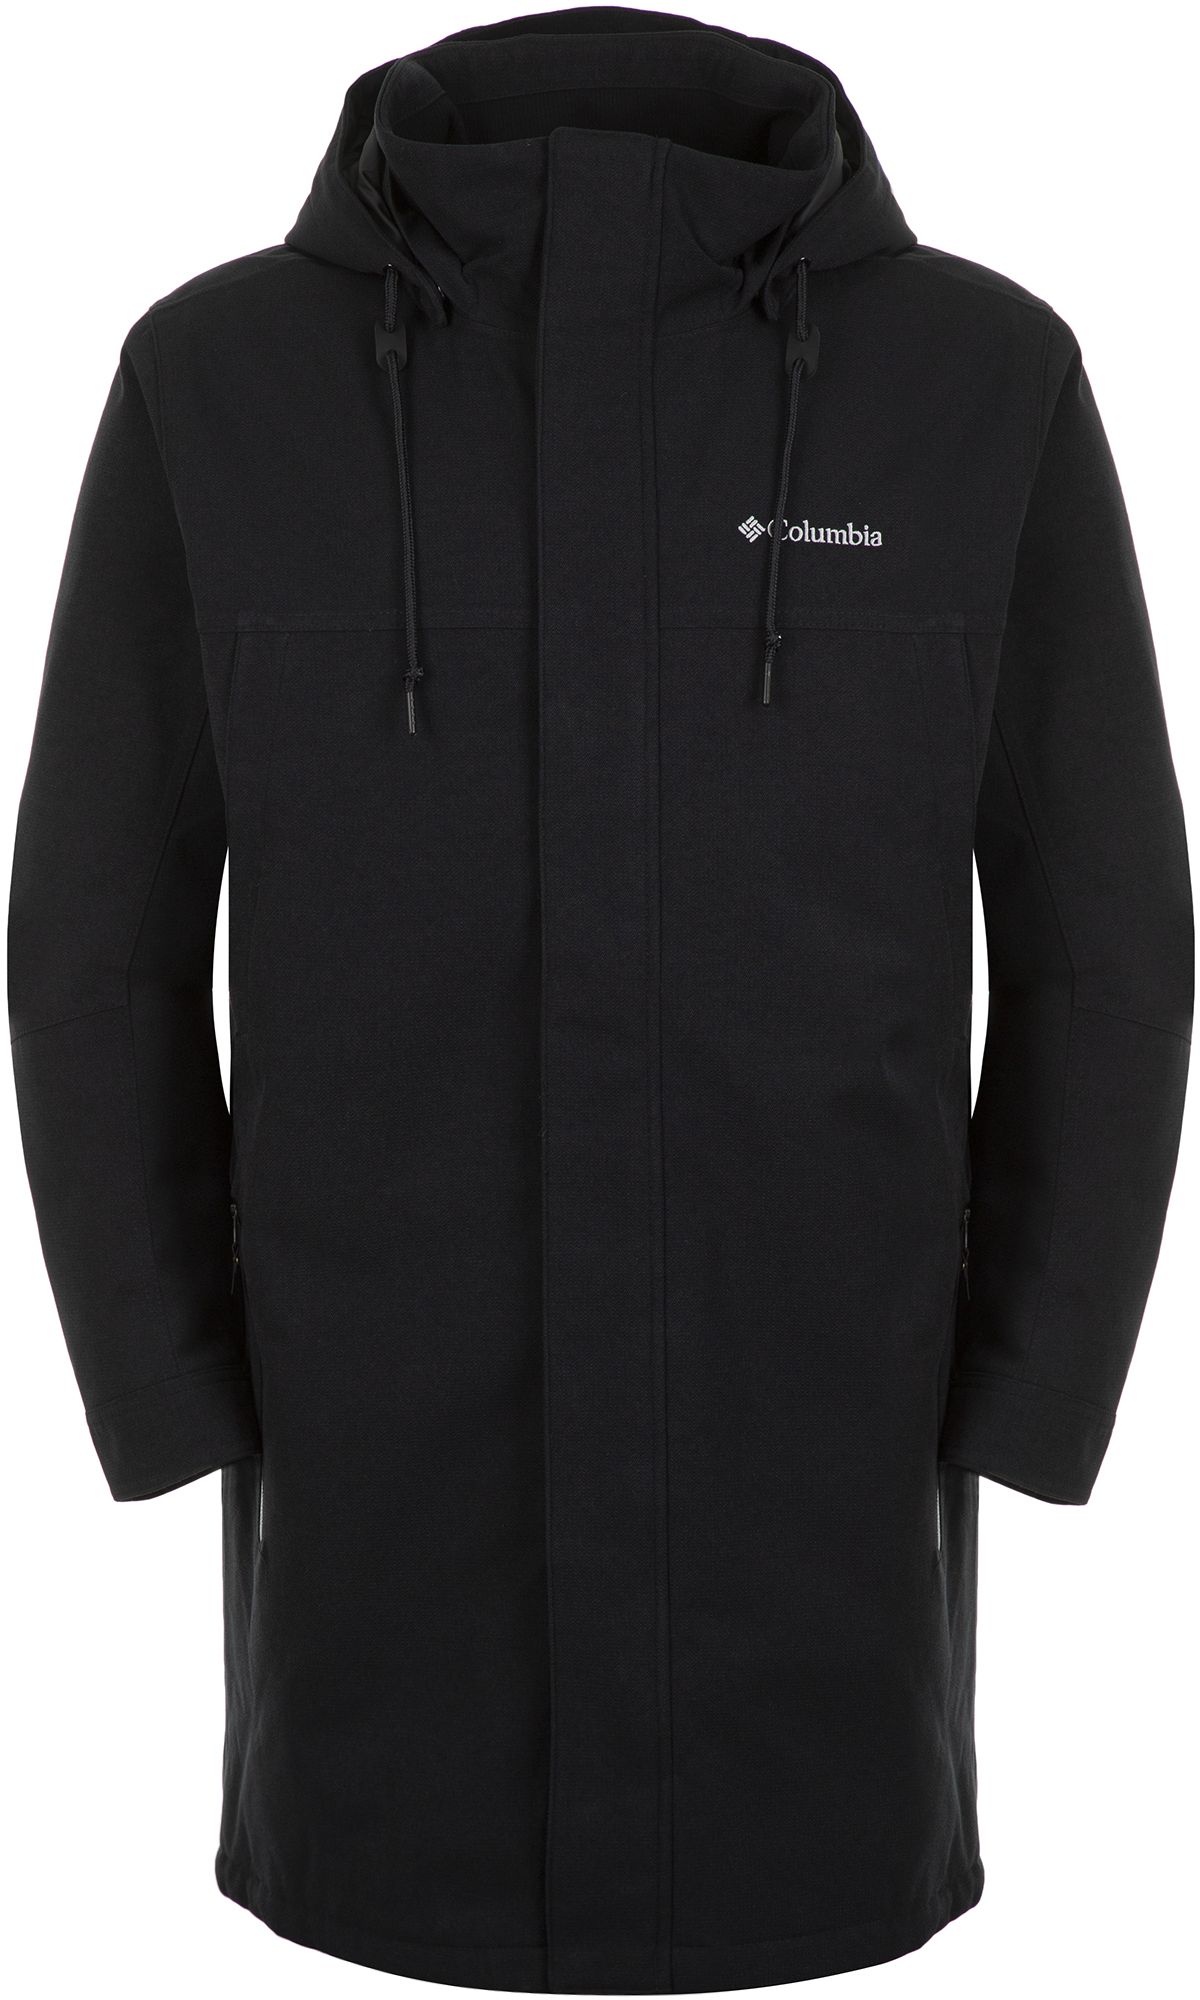 Columbia Куртка утепленная мужская Boundary Bay, размер 50-52